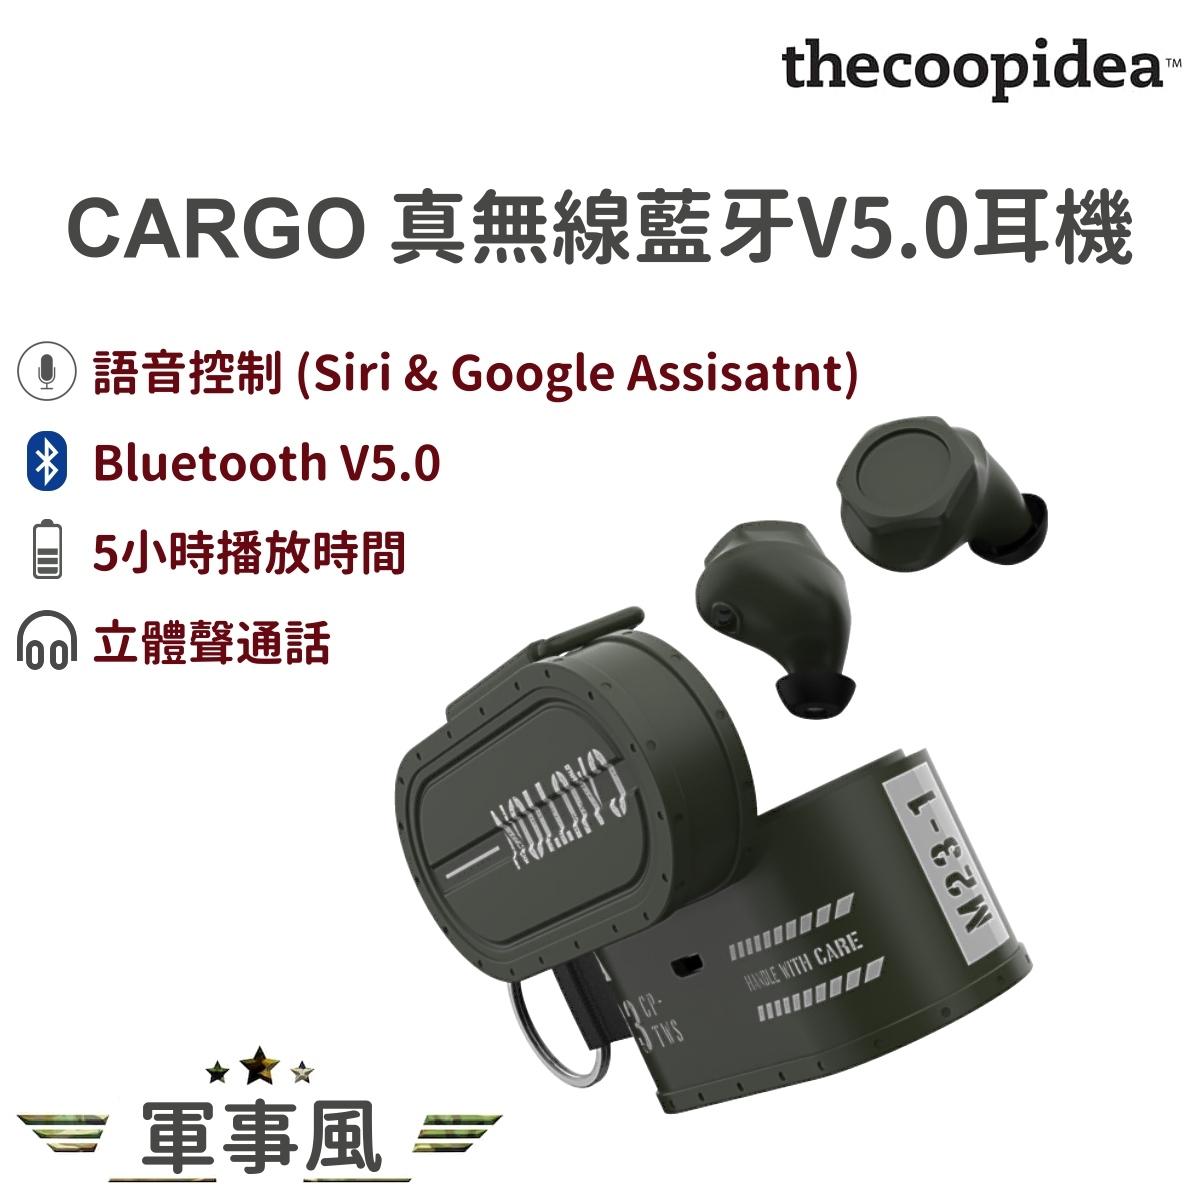 CARGO BT5.0 True Wireless Earphone (Green)